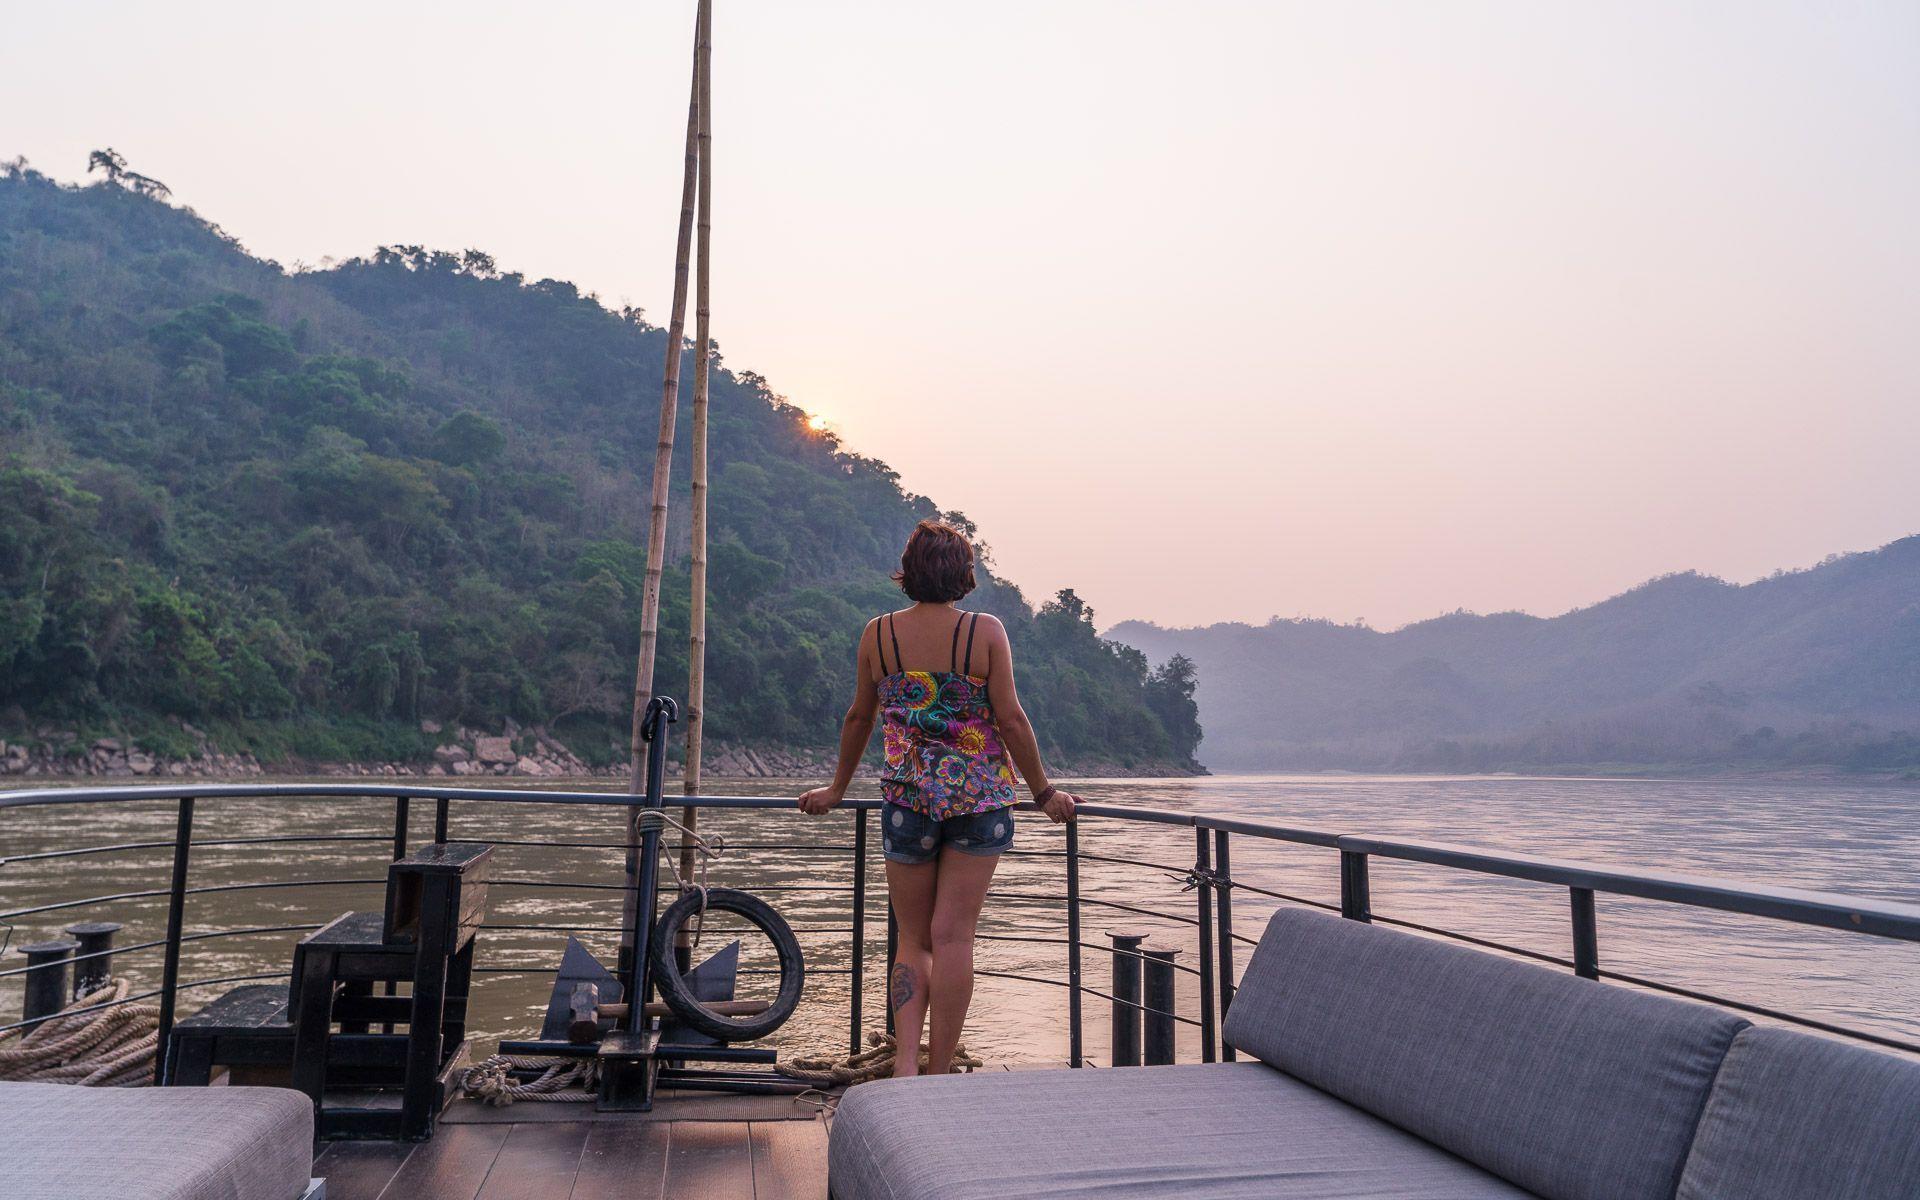 Lesvoyageuses-voyager-au-laos-luang-prabang-croisiere-mekong-30